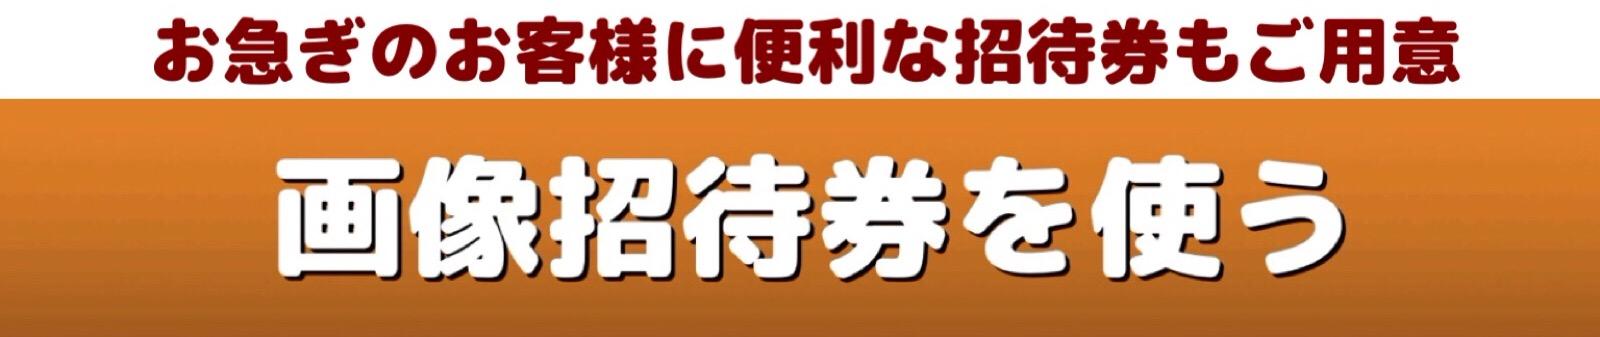 ソメイユ横浜ショールーム特別招待券